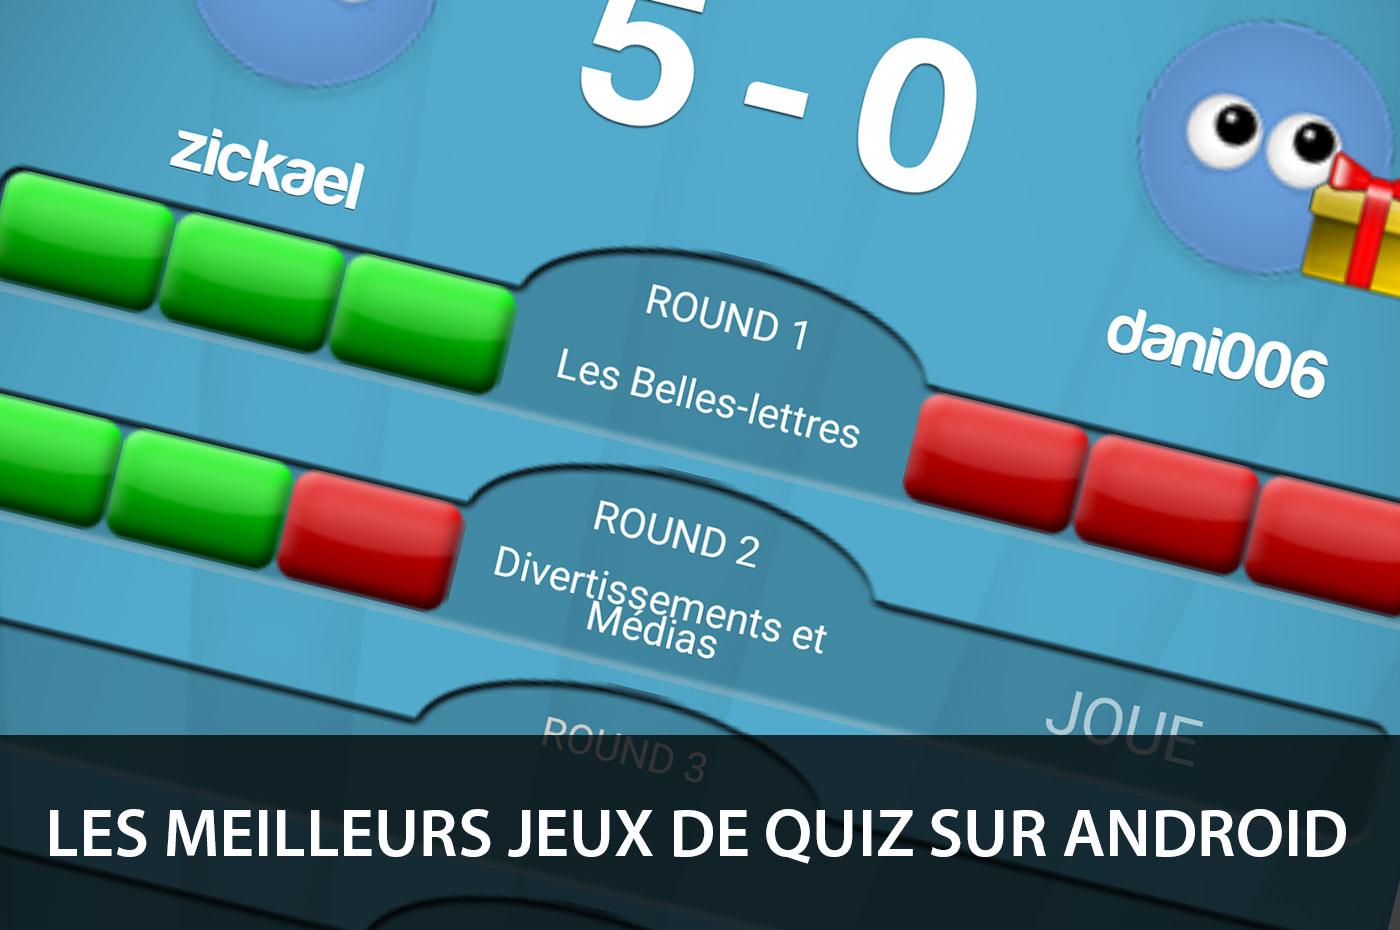 Les Meilleurs Jeux De Quiz Sur Smartphones Et Tablettes Android avec Question Reponse Jeu Gratuit